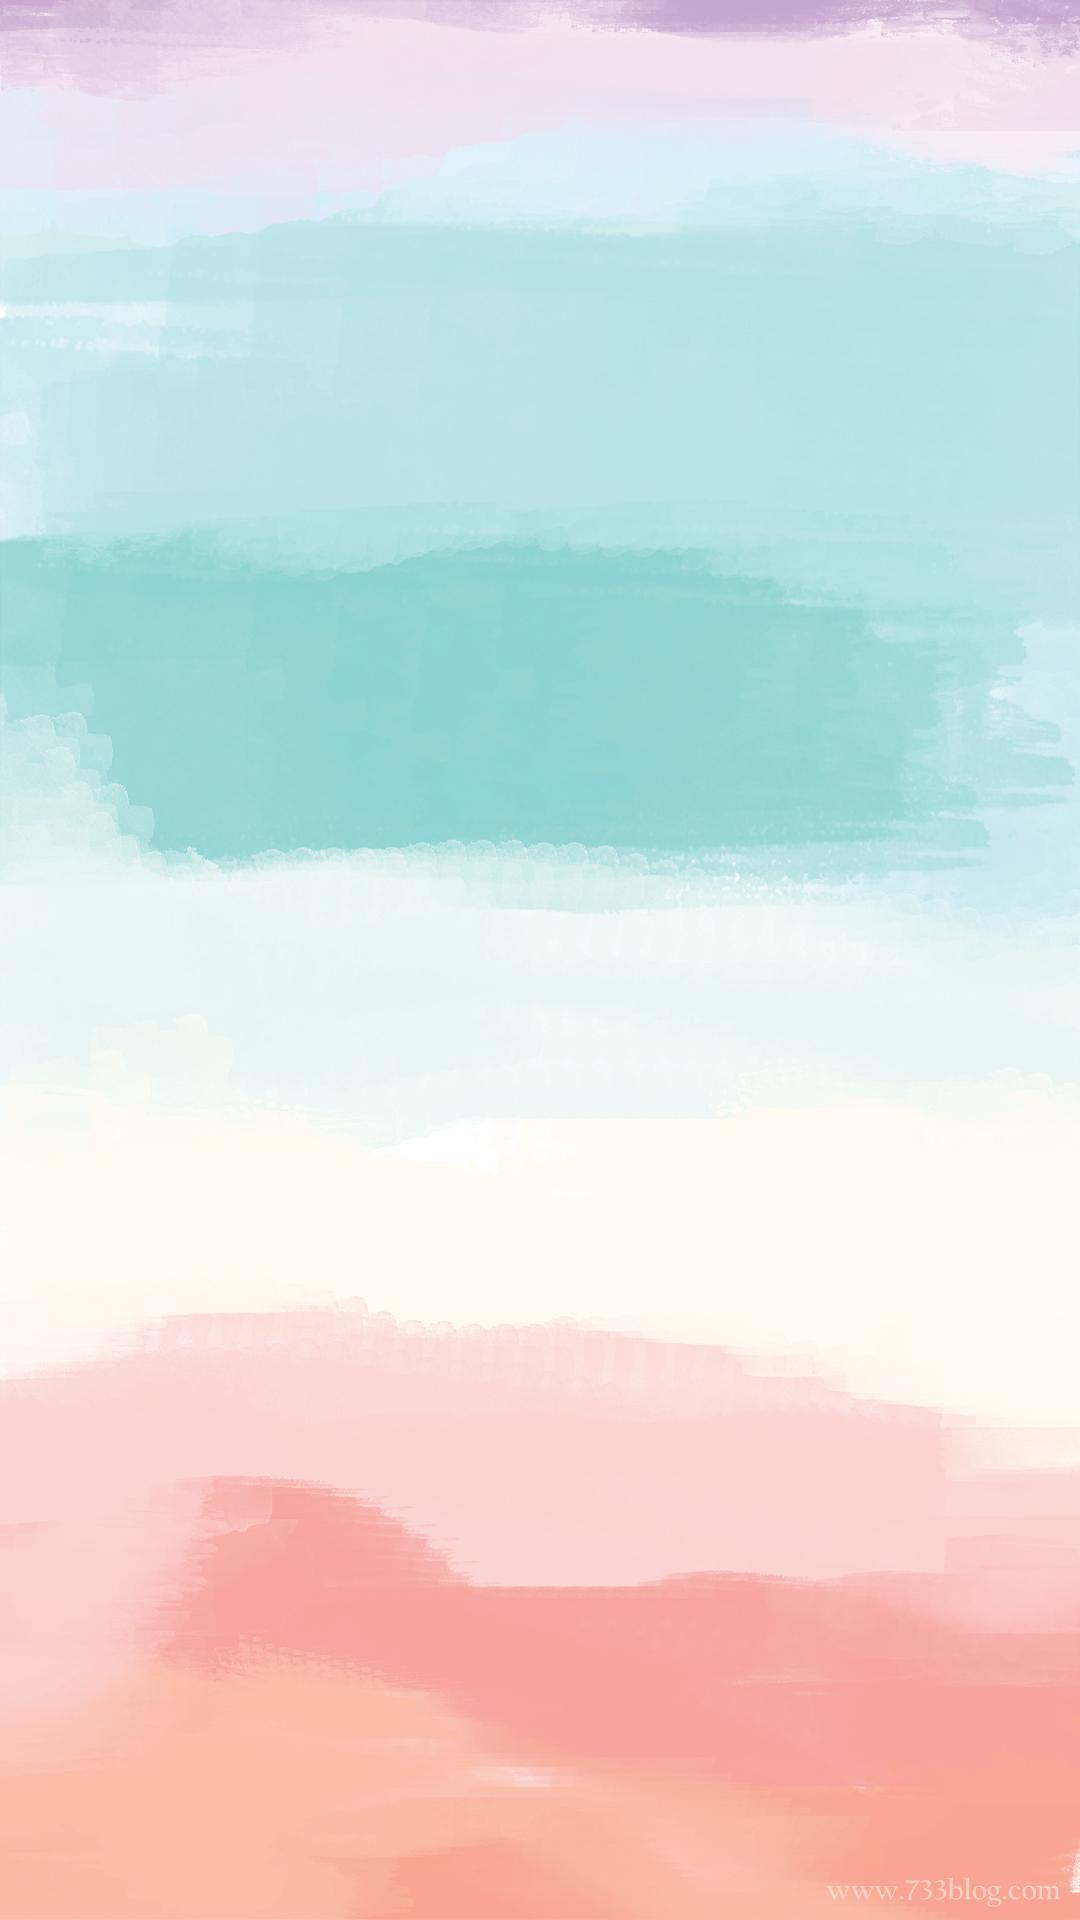 Free Watercolor iPhone Wallpaper